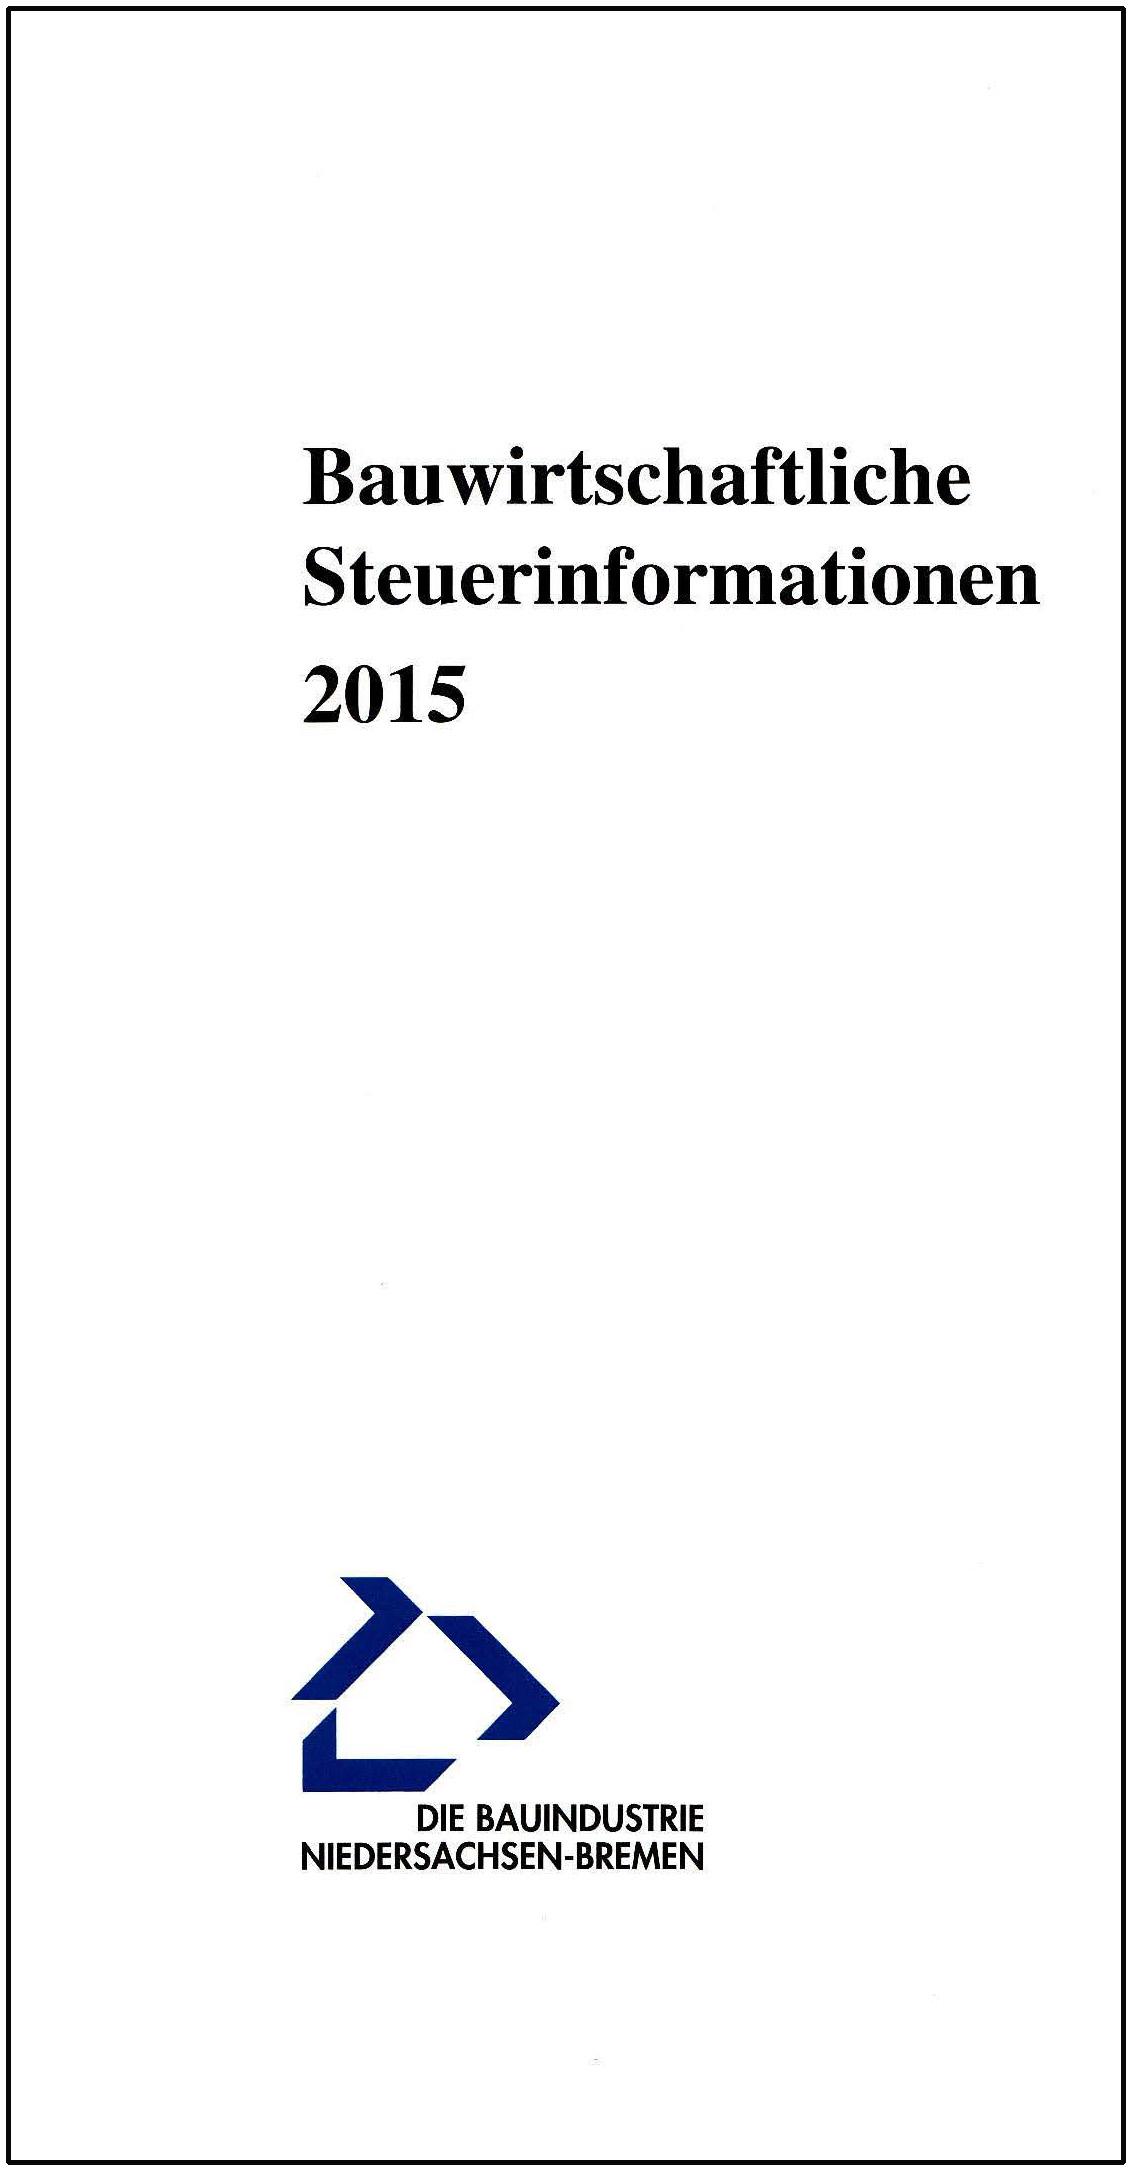 Bauw Steuerinfos_2_bearbeitet-1